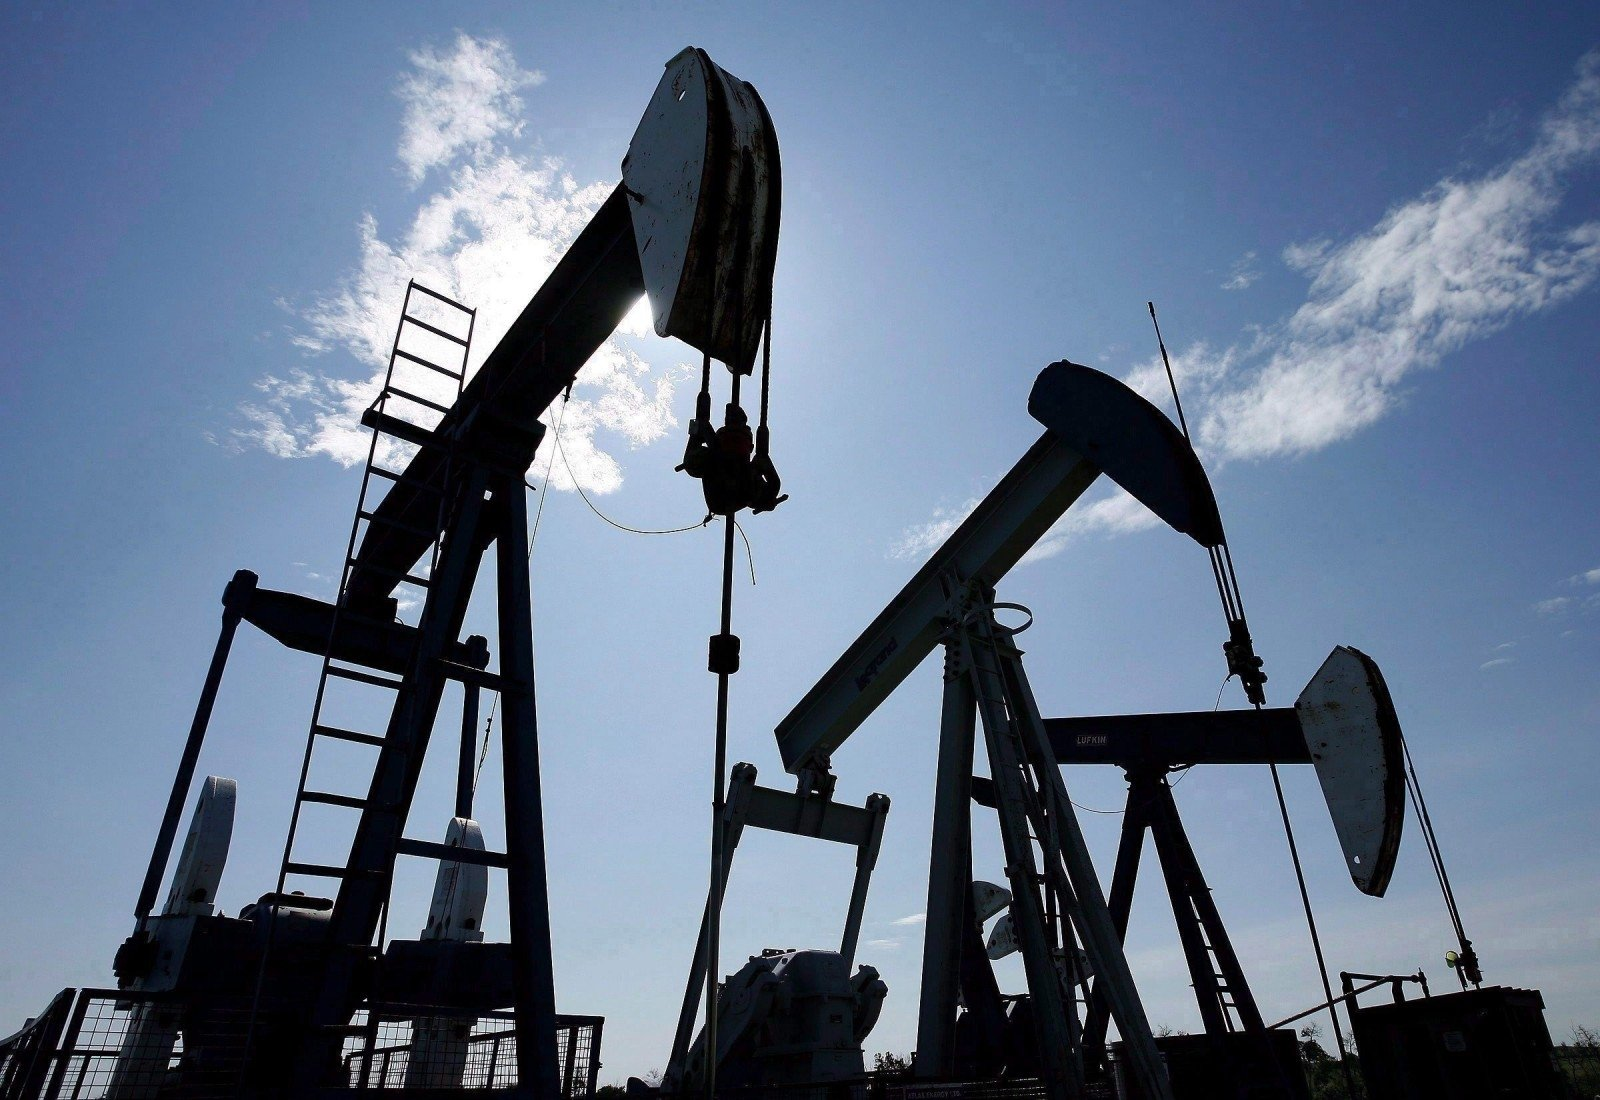 Саудовская Аравия усомнилась внеобходимости существенного вмешательства нарынке нефти